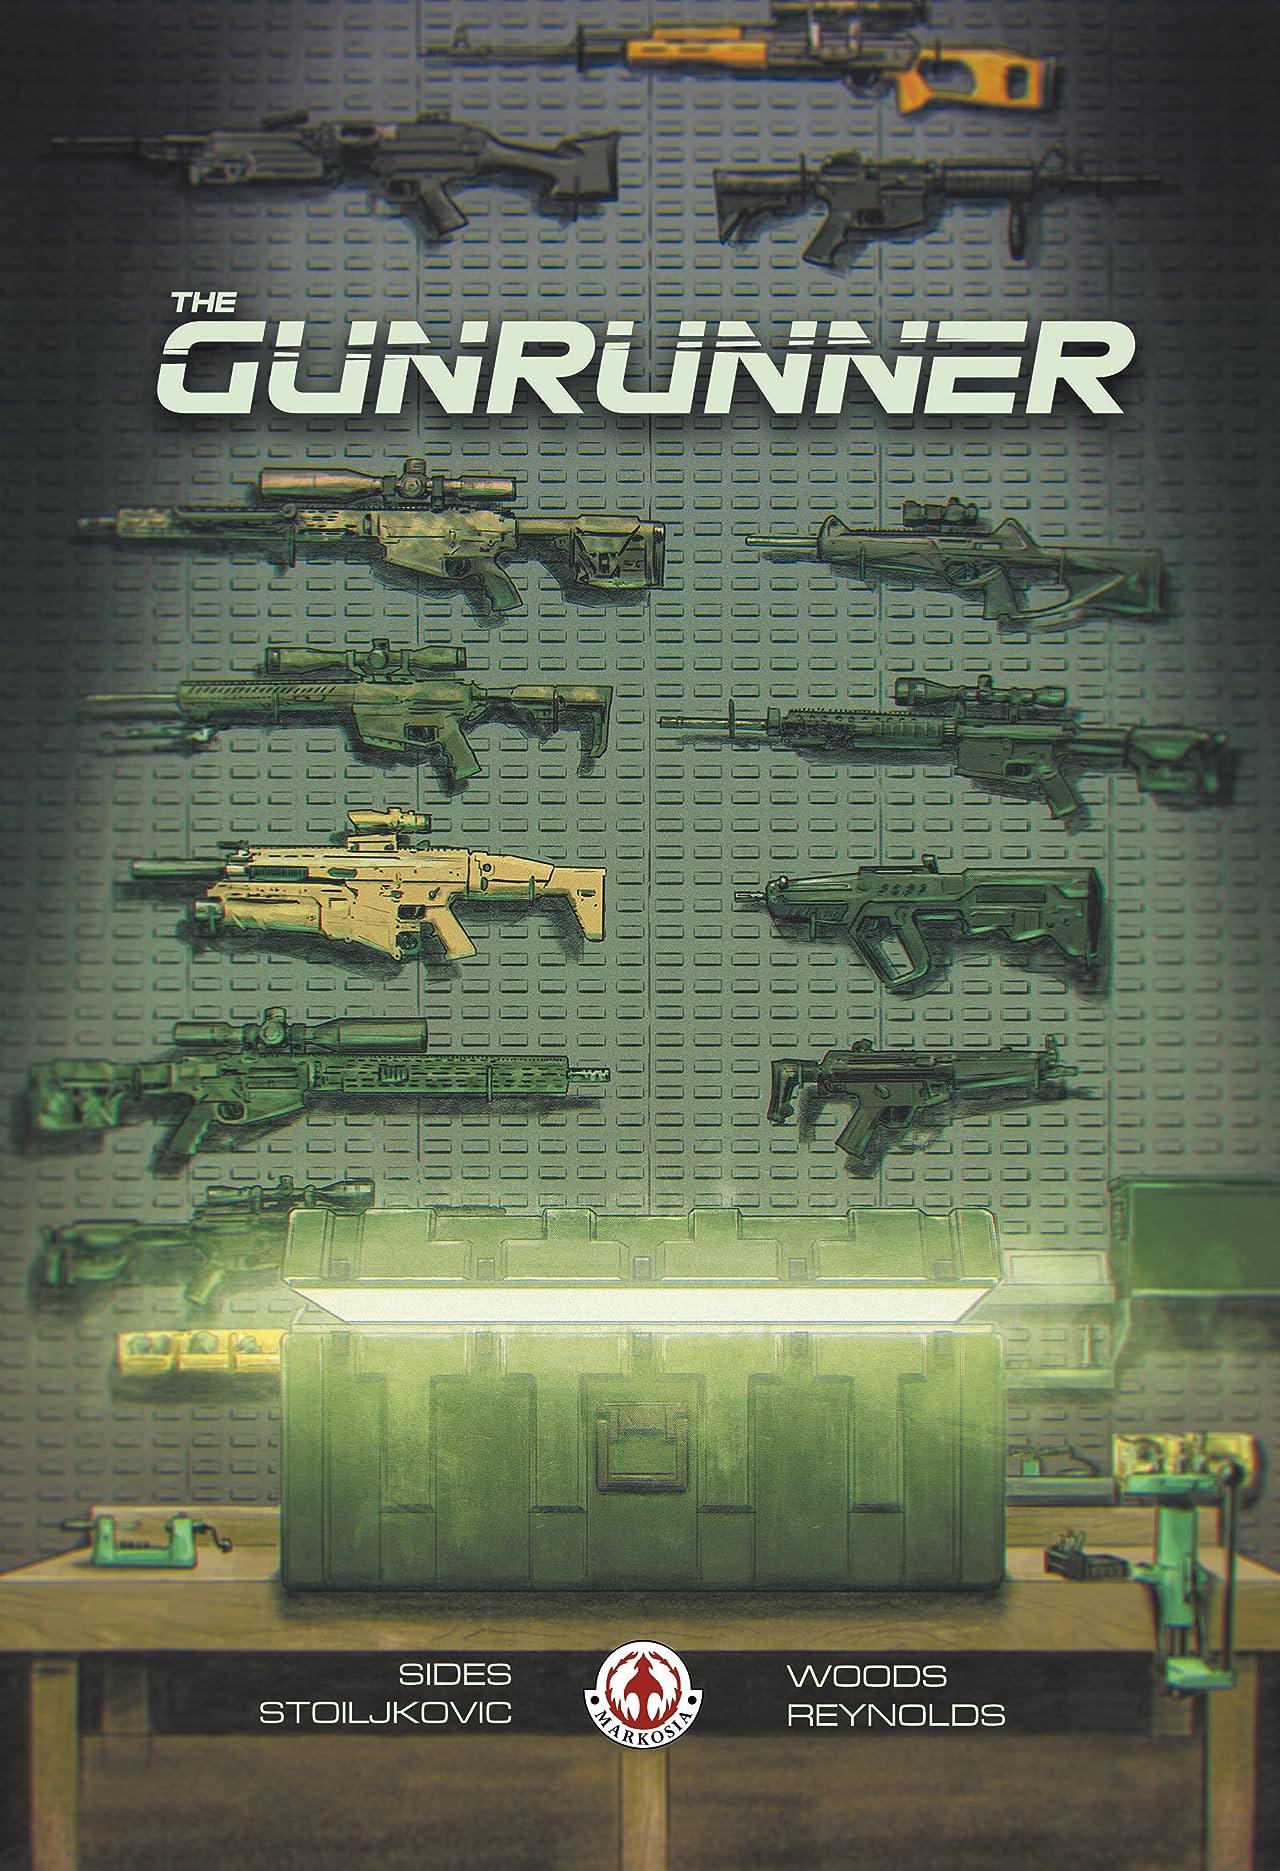 The Gunrunner